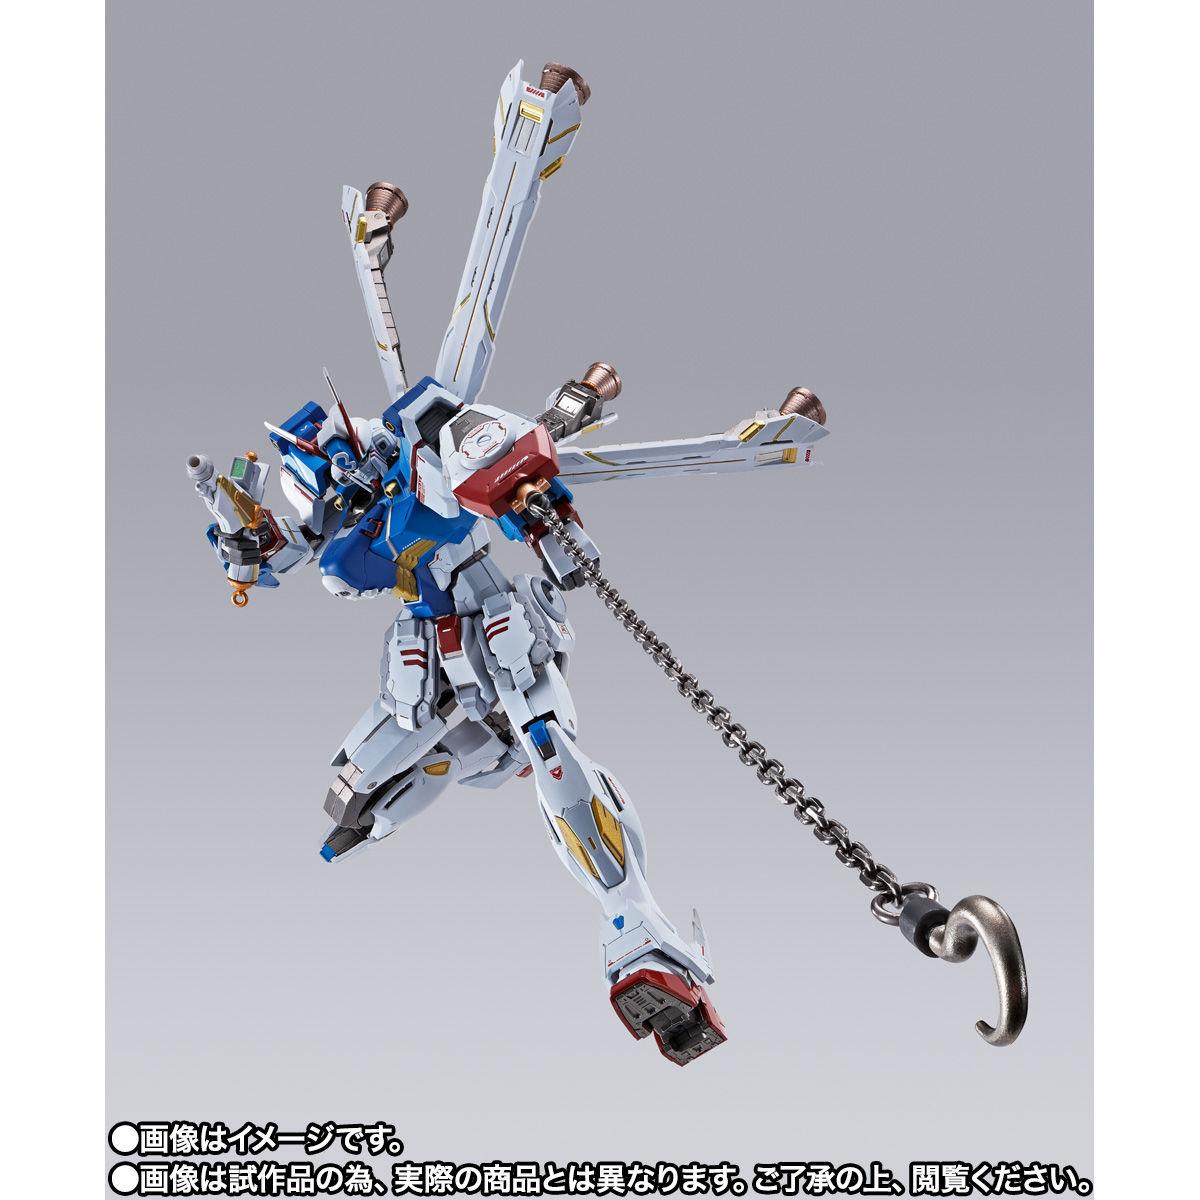 【限定販売】METAL BUILD『クロスボーン・ガンダムX3』機動戦士クロスボーン・ガンダム 可動フィギュア-005